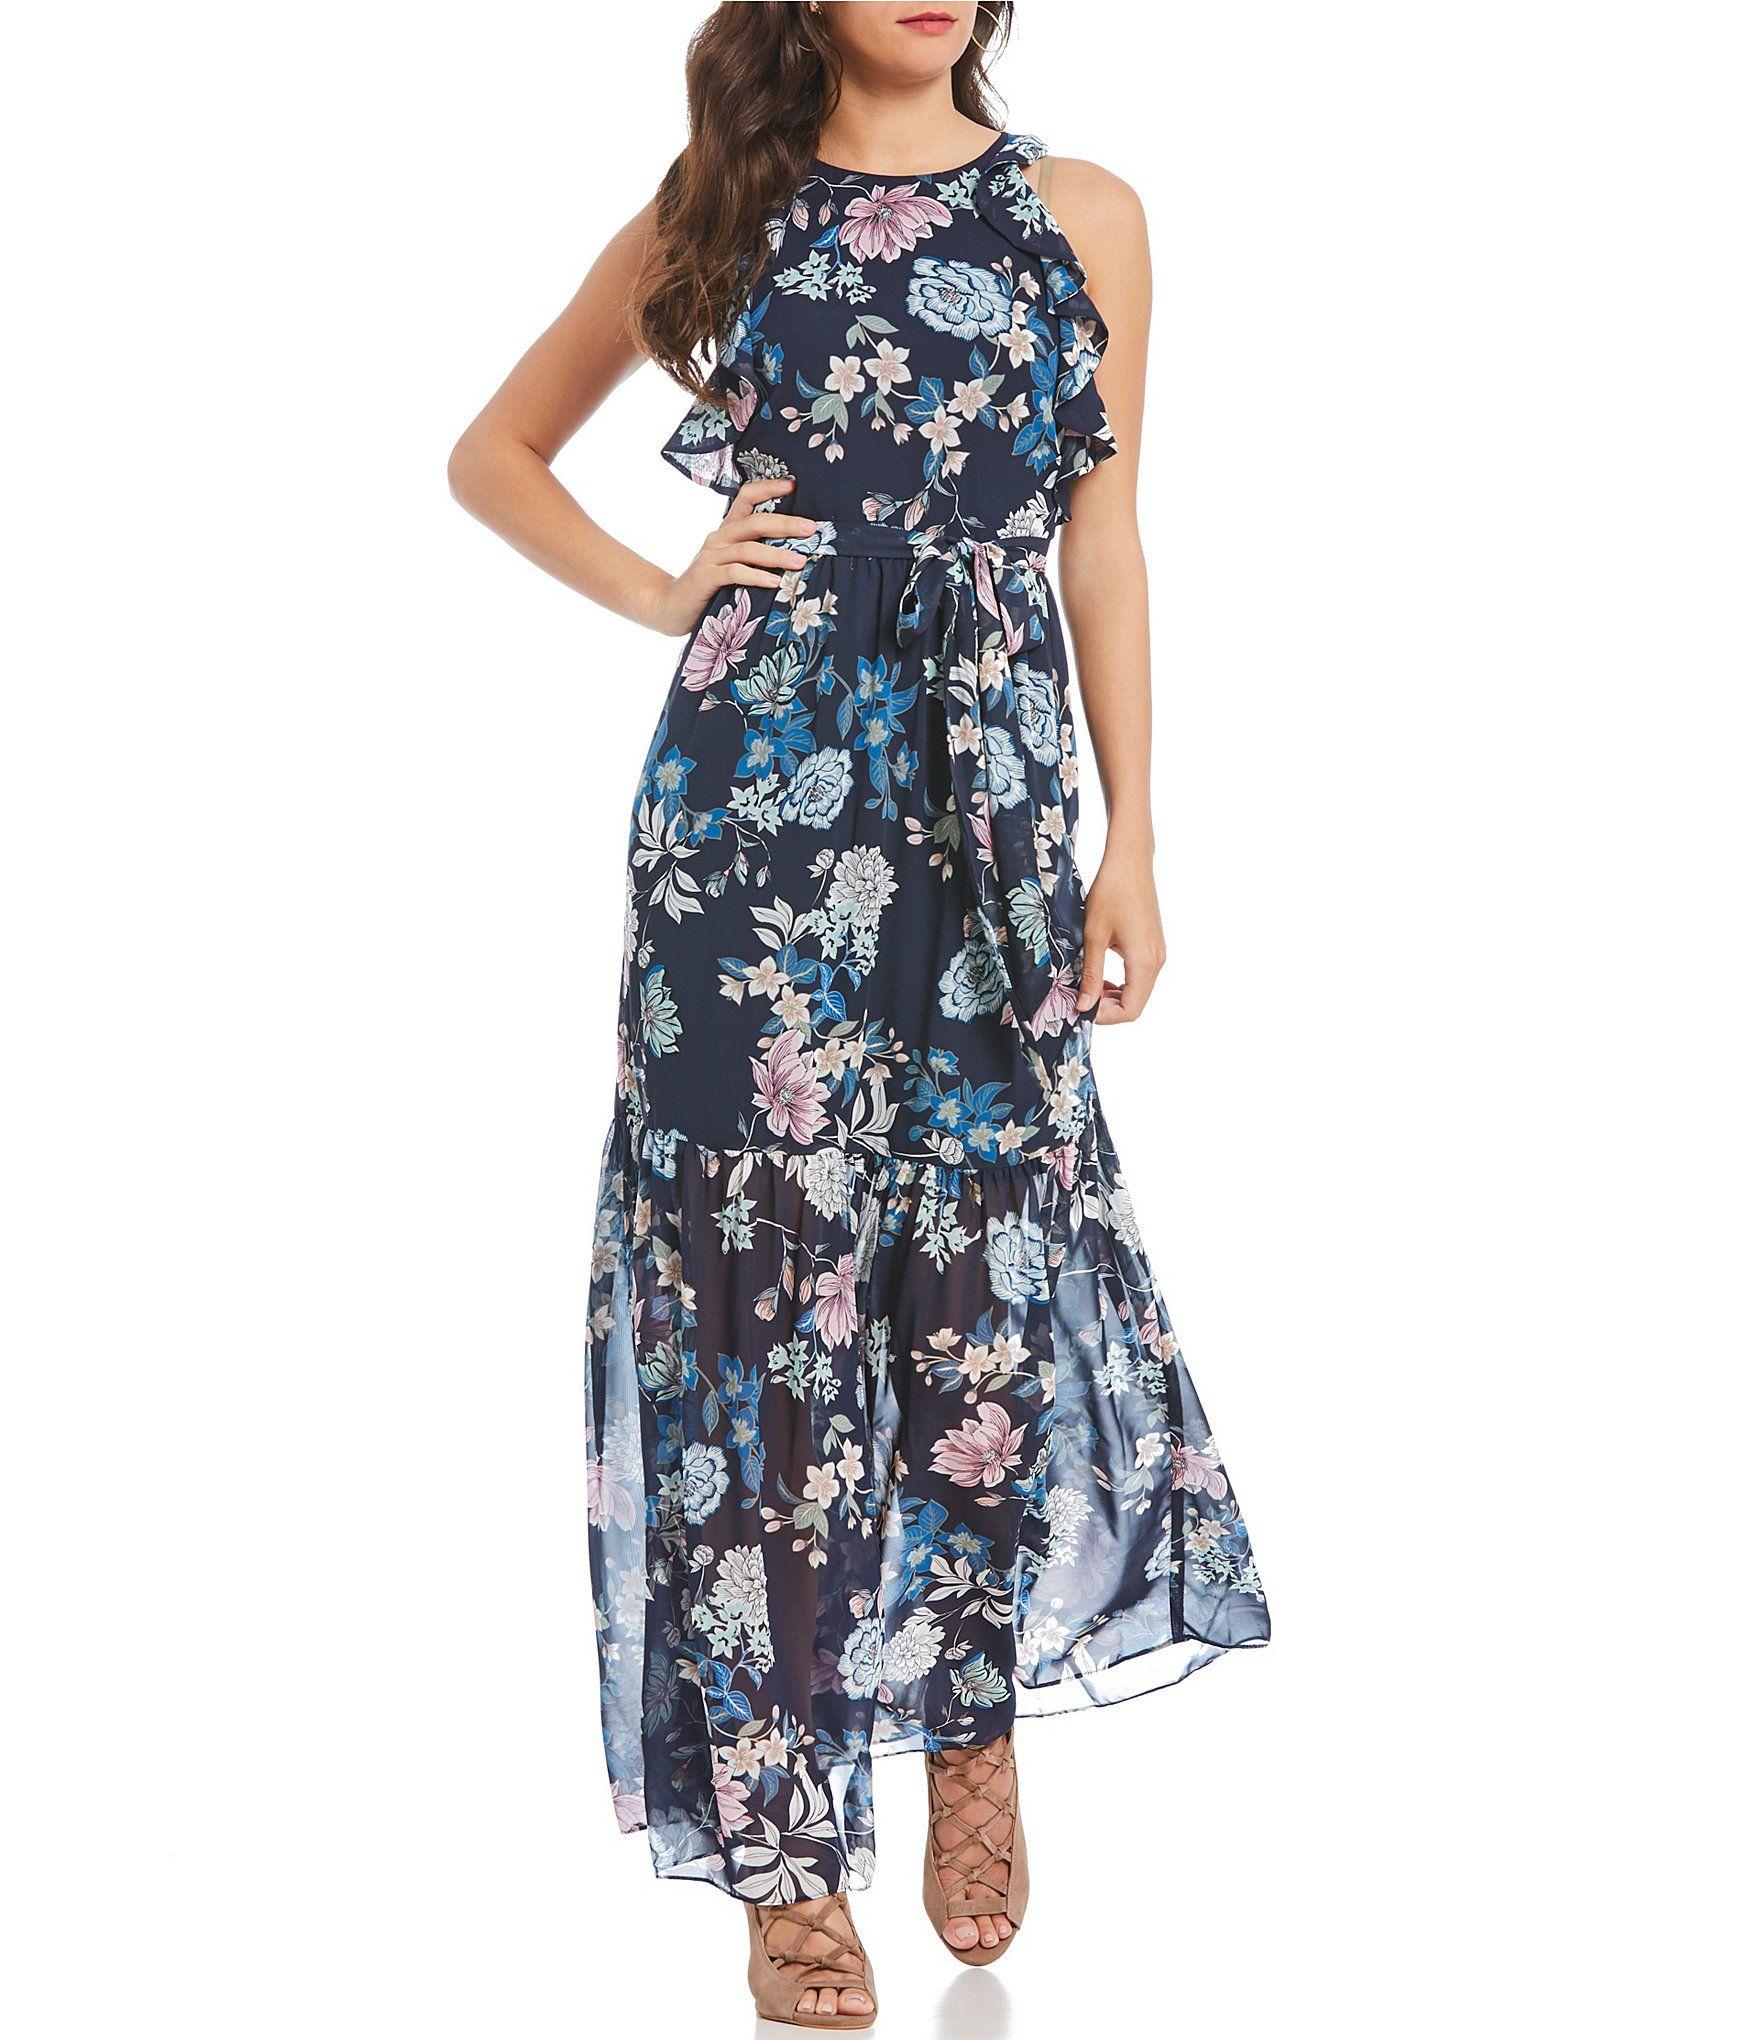 Vince Camuto Chiffon Floral Printed Ruffle Maxi Dress Dillards Maxi Dress Ruffled Maxi Dress Floral Chiffon [ 2040 x 1760 Pixel ]